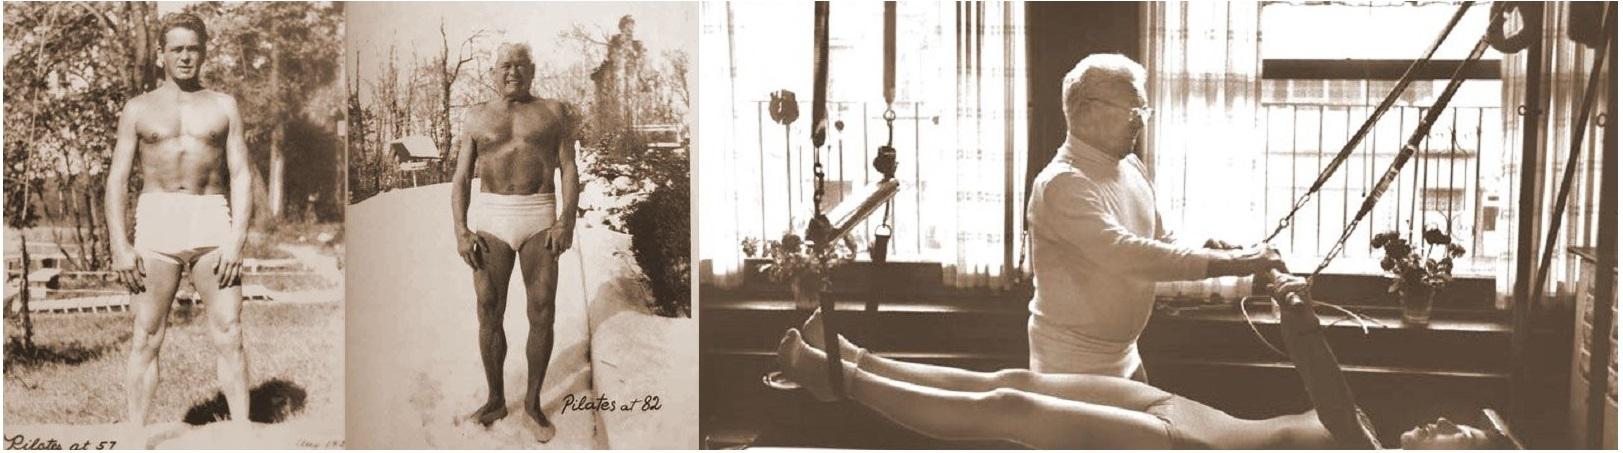 Pilates: un po' di storia